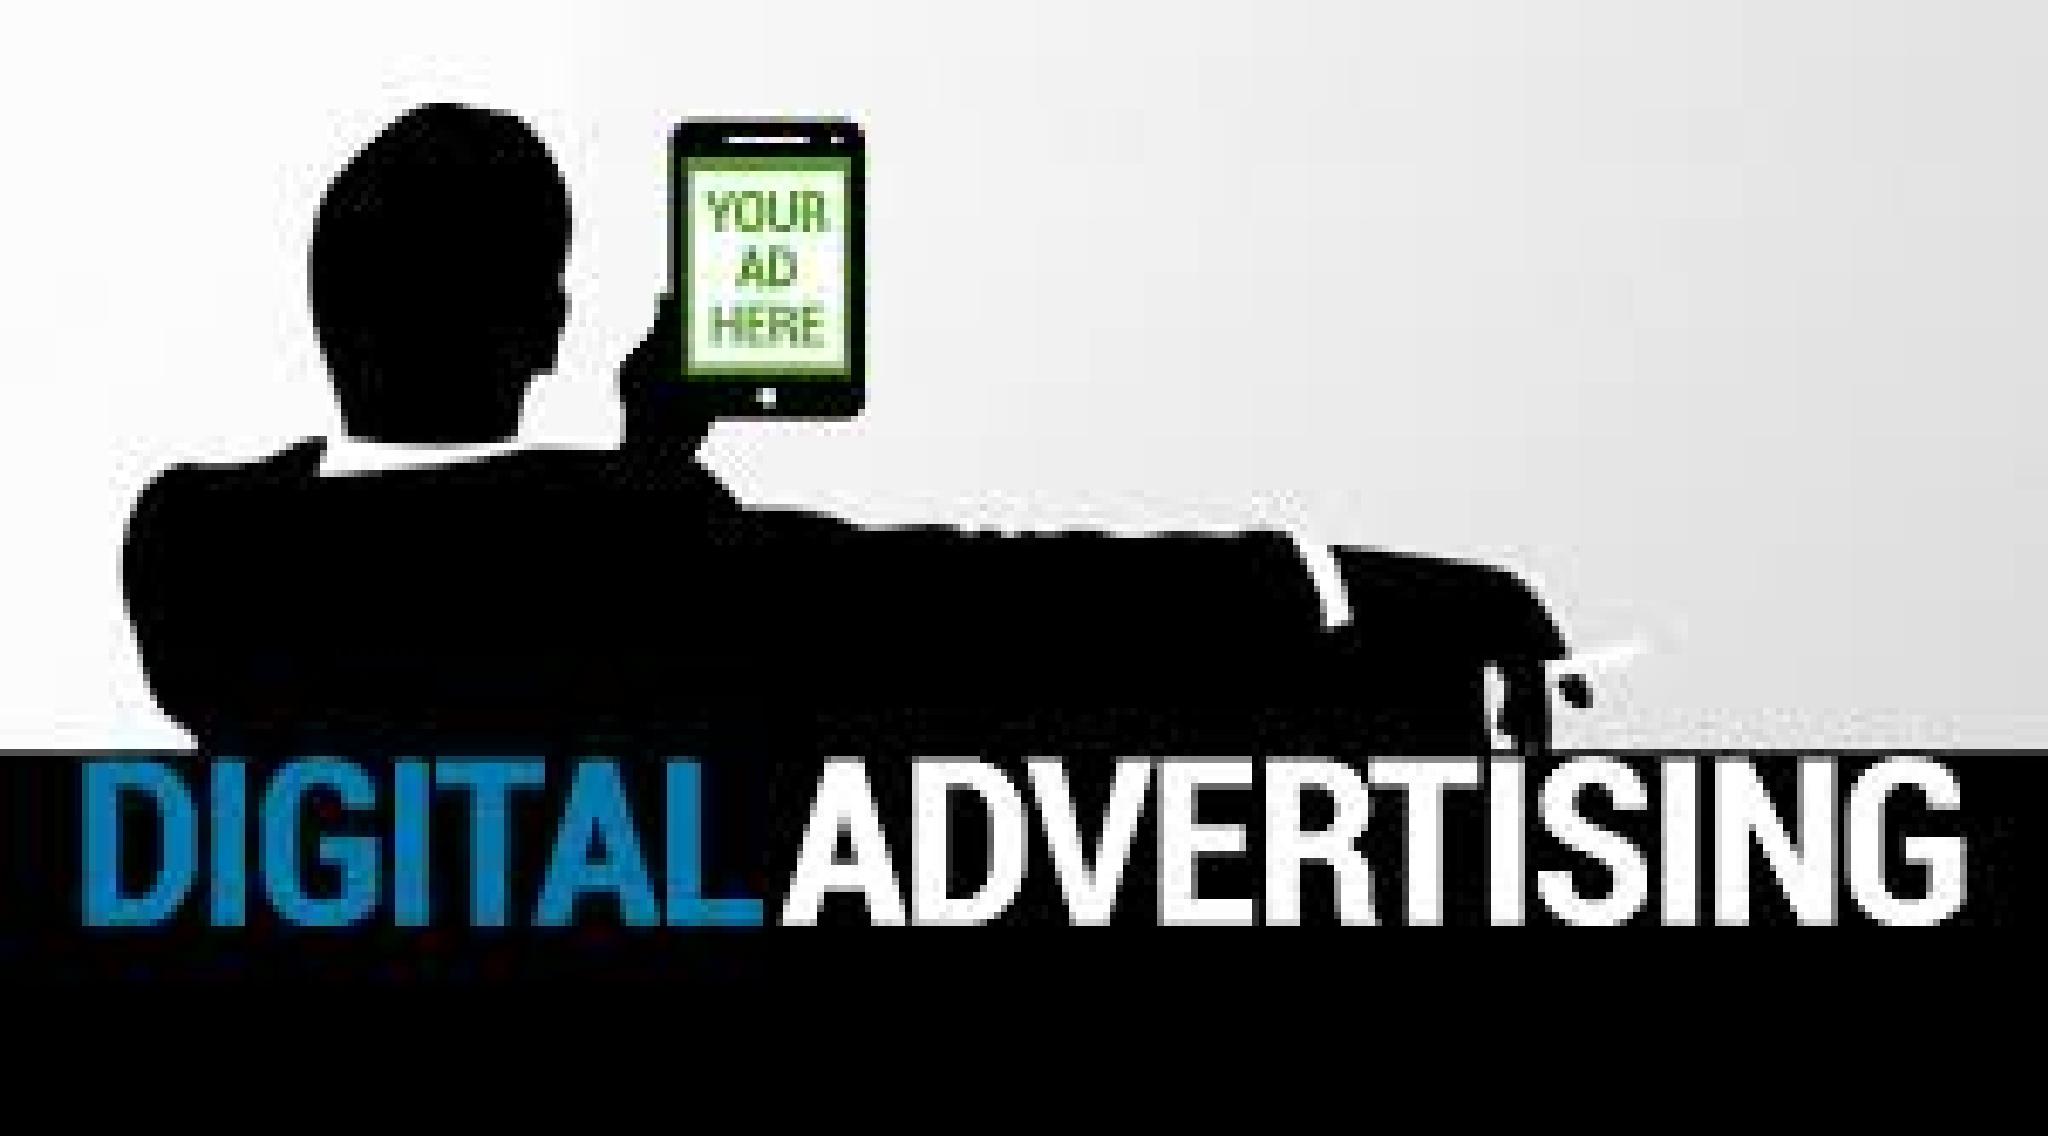 Need Digital Advertising agency by HasinGhate